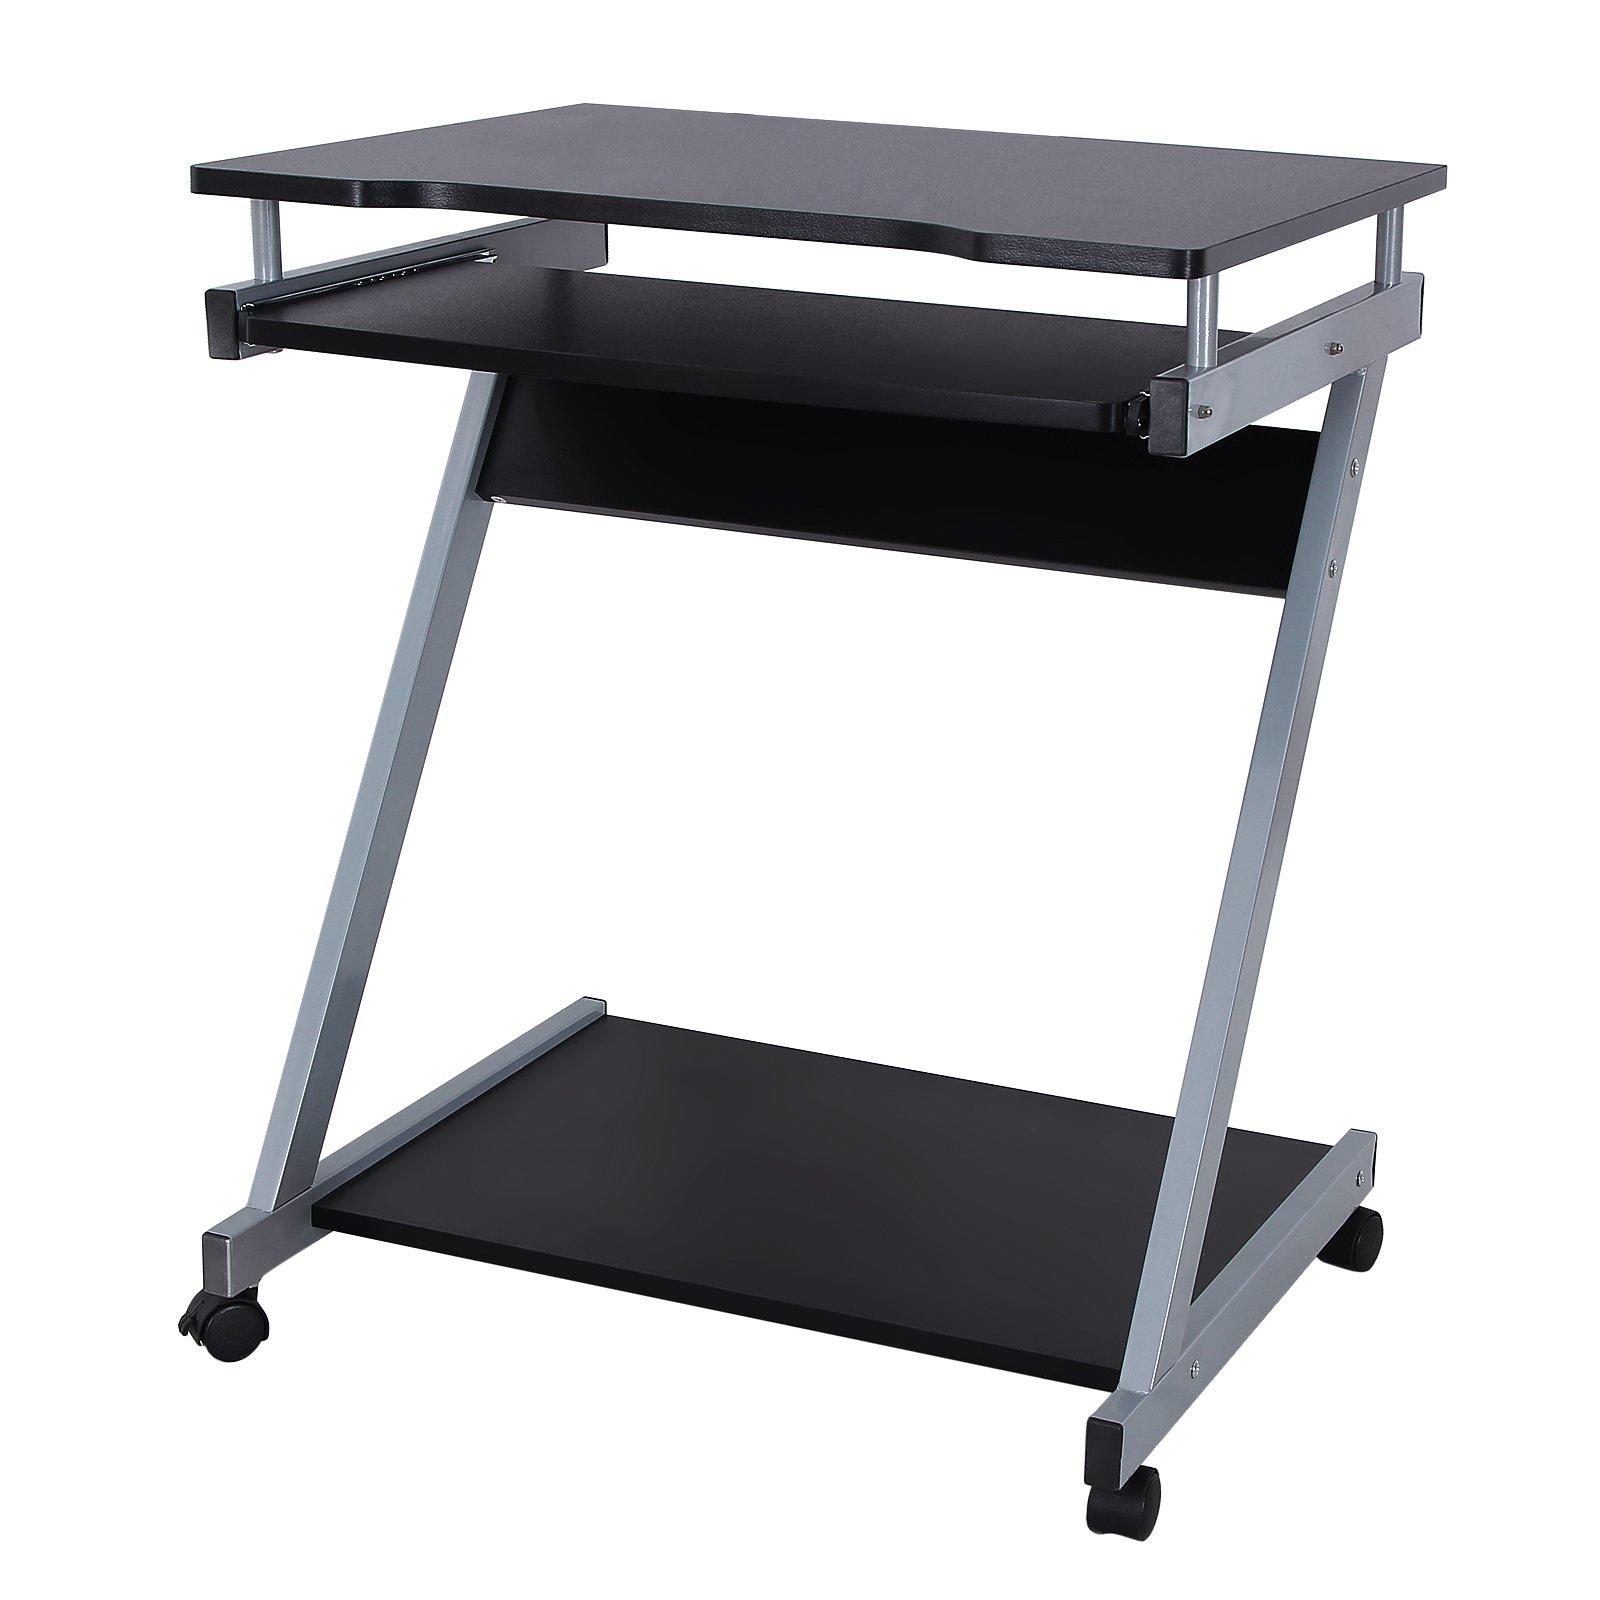 desk with wheels amazon co uk rh amazon co uk desk with wheels target desk with wheels australia